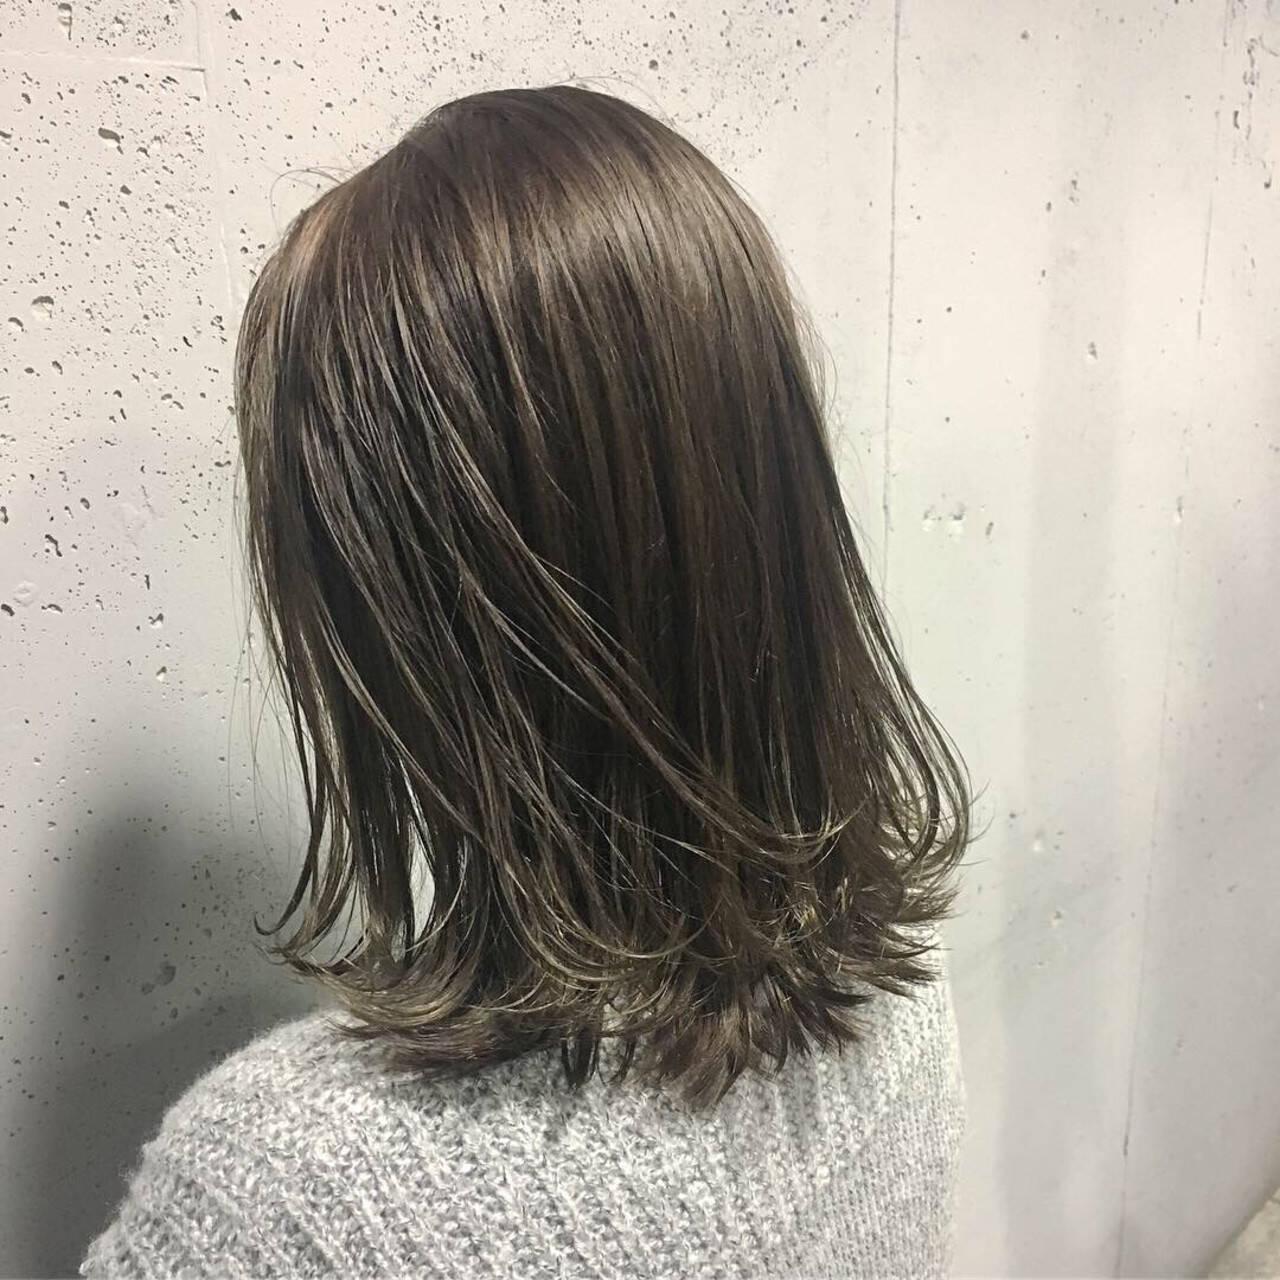 ブルーアッシュ 透明感カラー ナチュラル ヘアカラーヘアスタイルや髪型の写真・画像